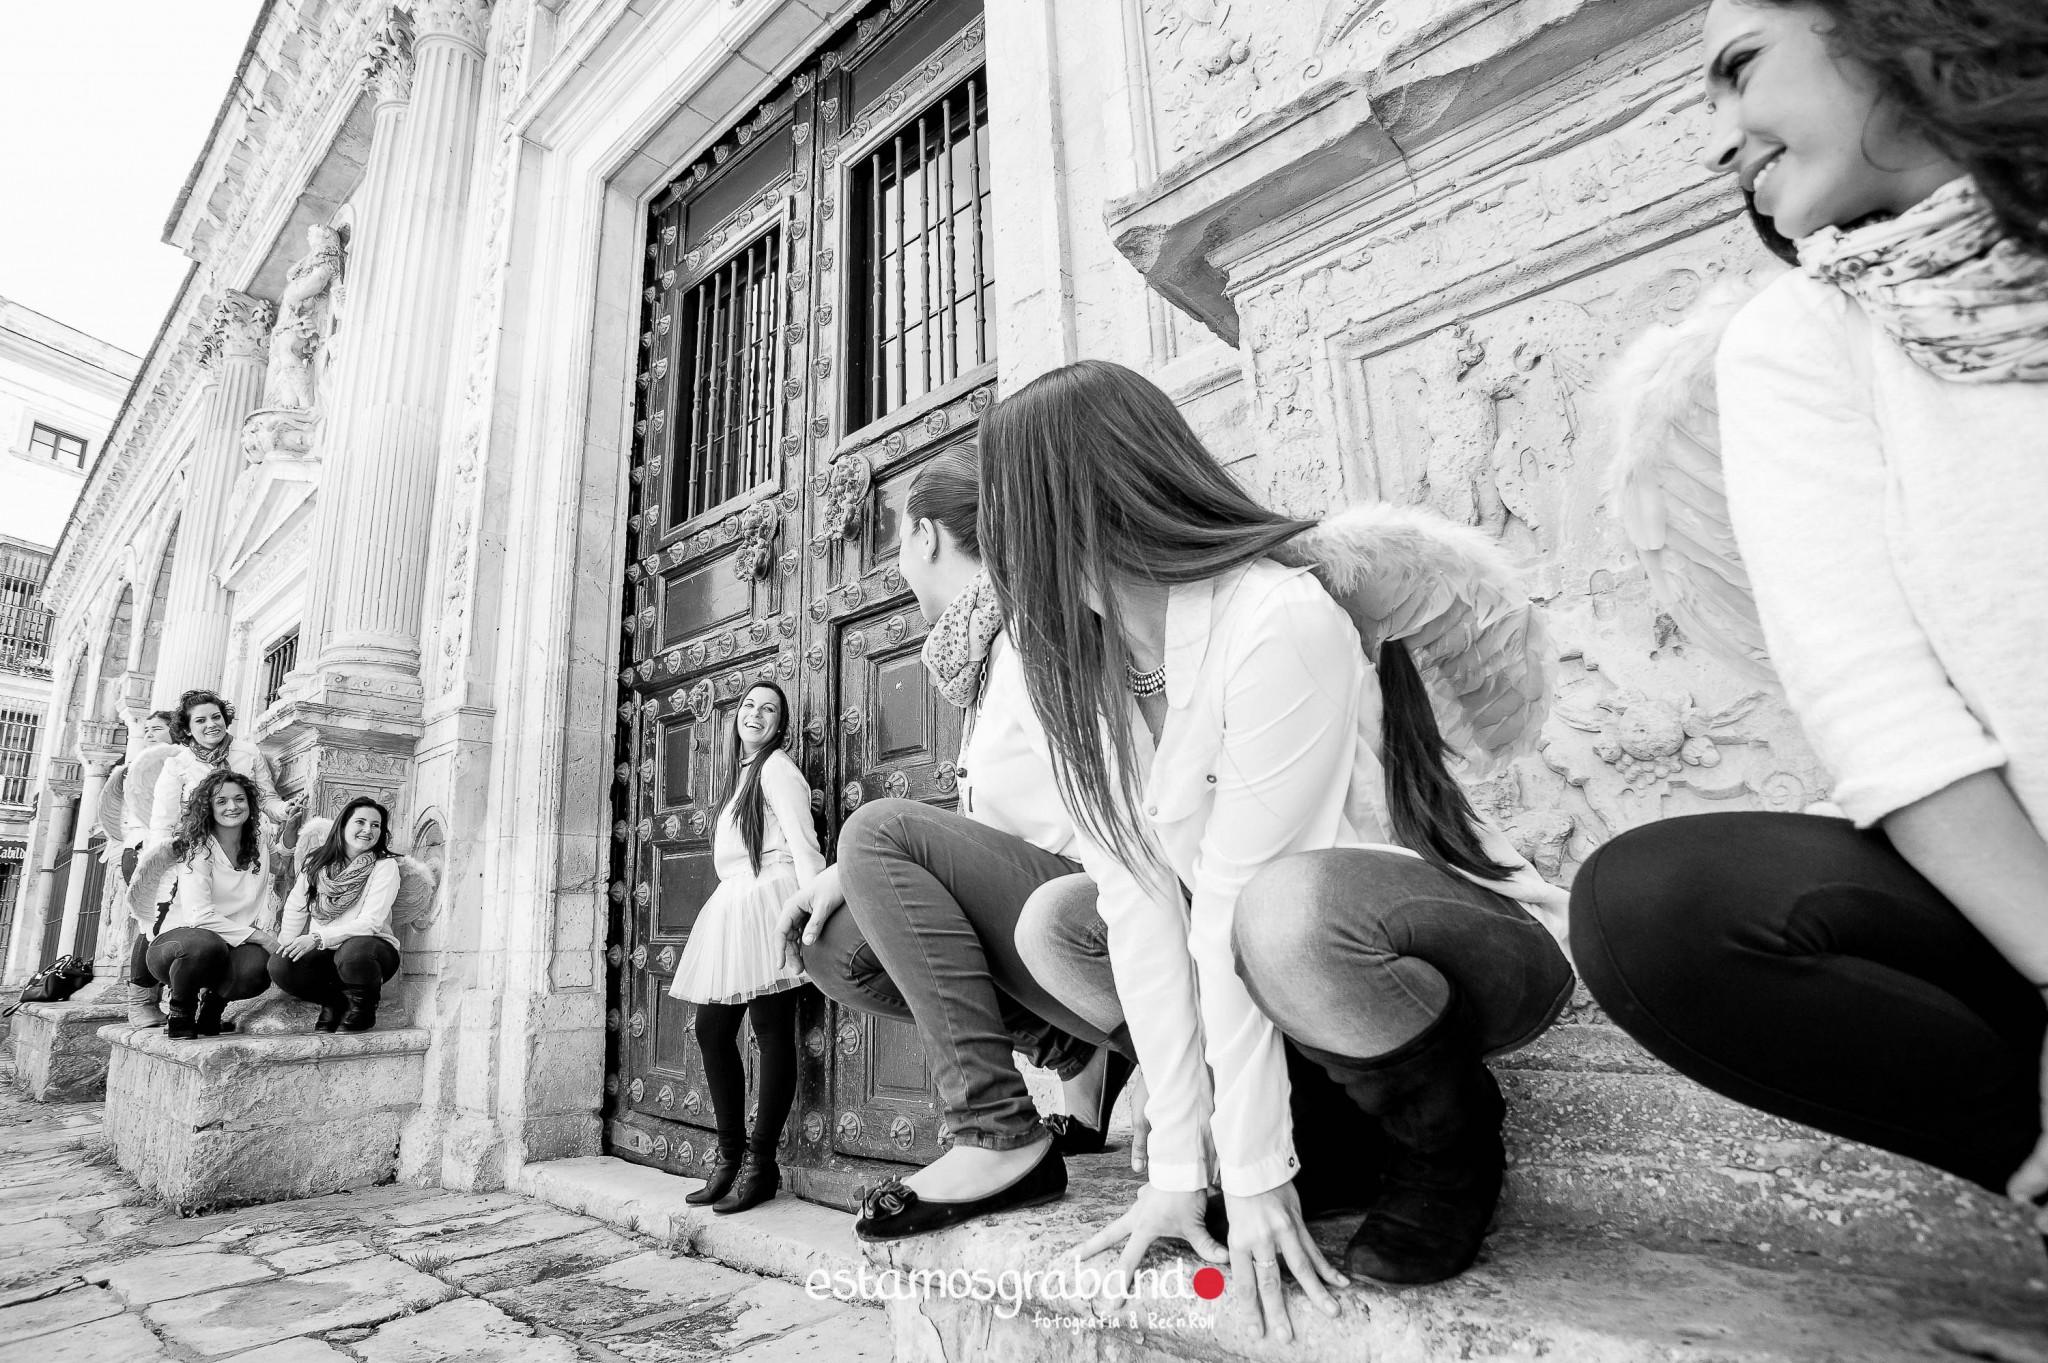 despedida-cris_fotograficc81a-de-despedida-de-soltera-18 Despedida de soltera Recandrolera - video boda cadiz